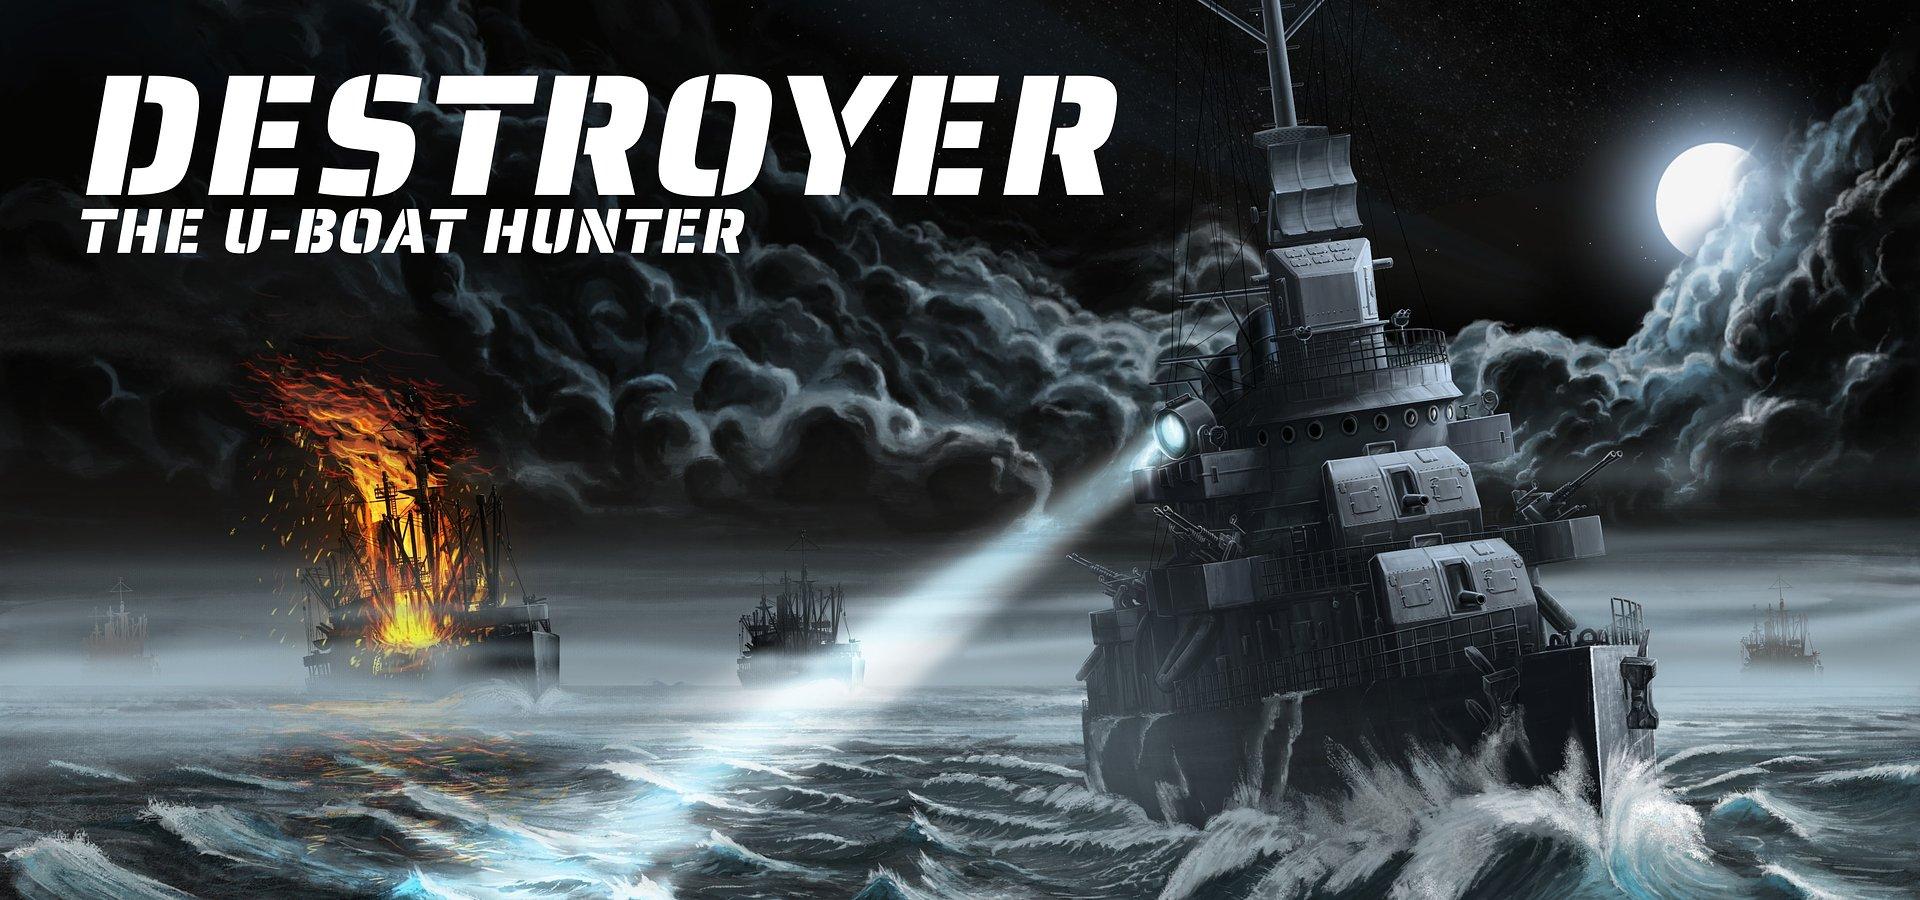 Załoga niszczyciela szykuje się do starcia w nowym zwiastunie rozgrywki Destroyer: The U-boat Hunter!